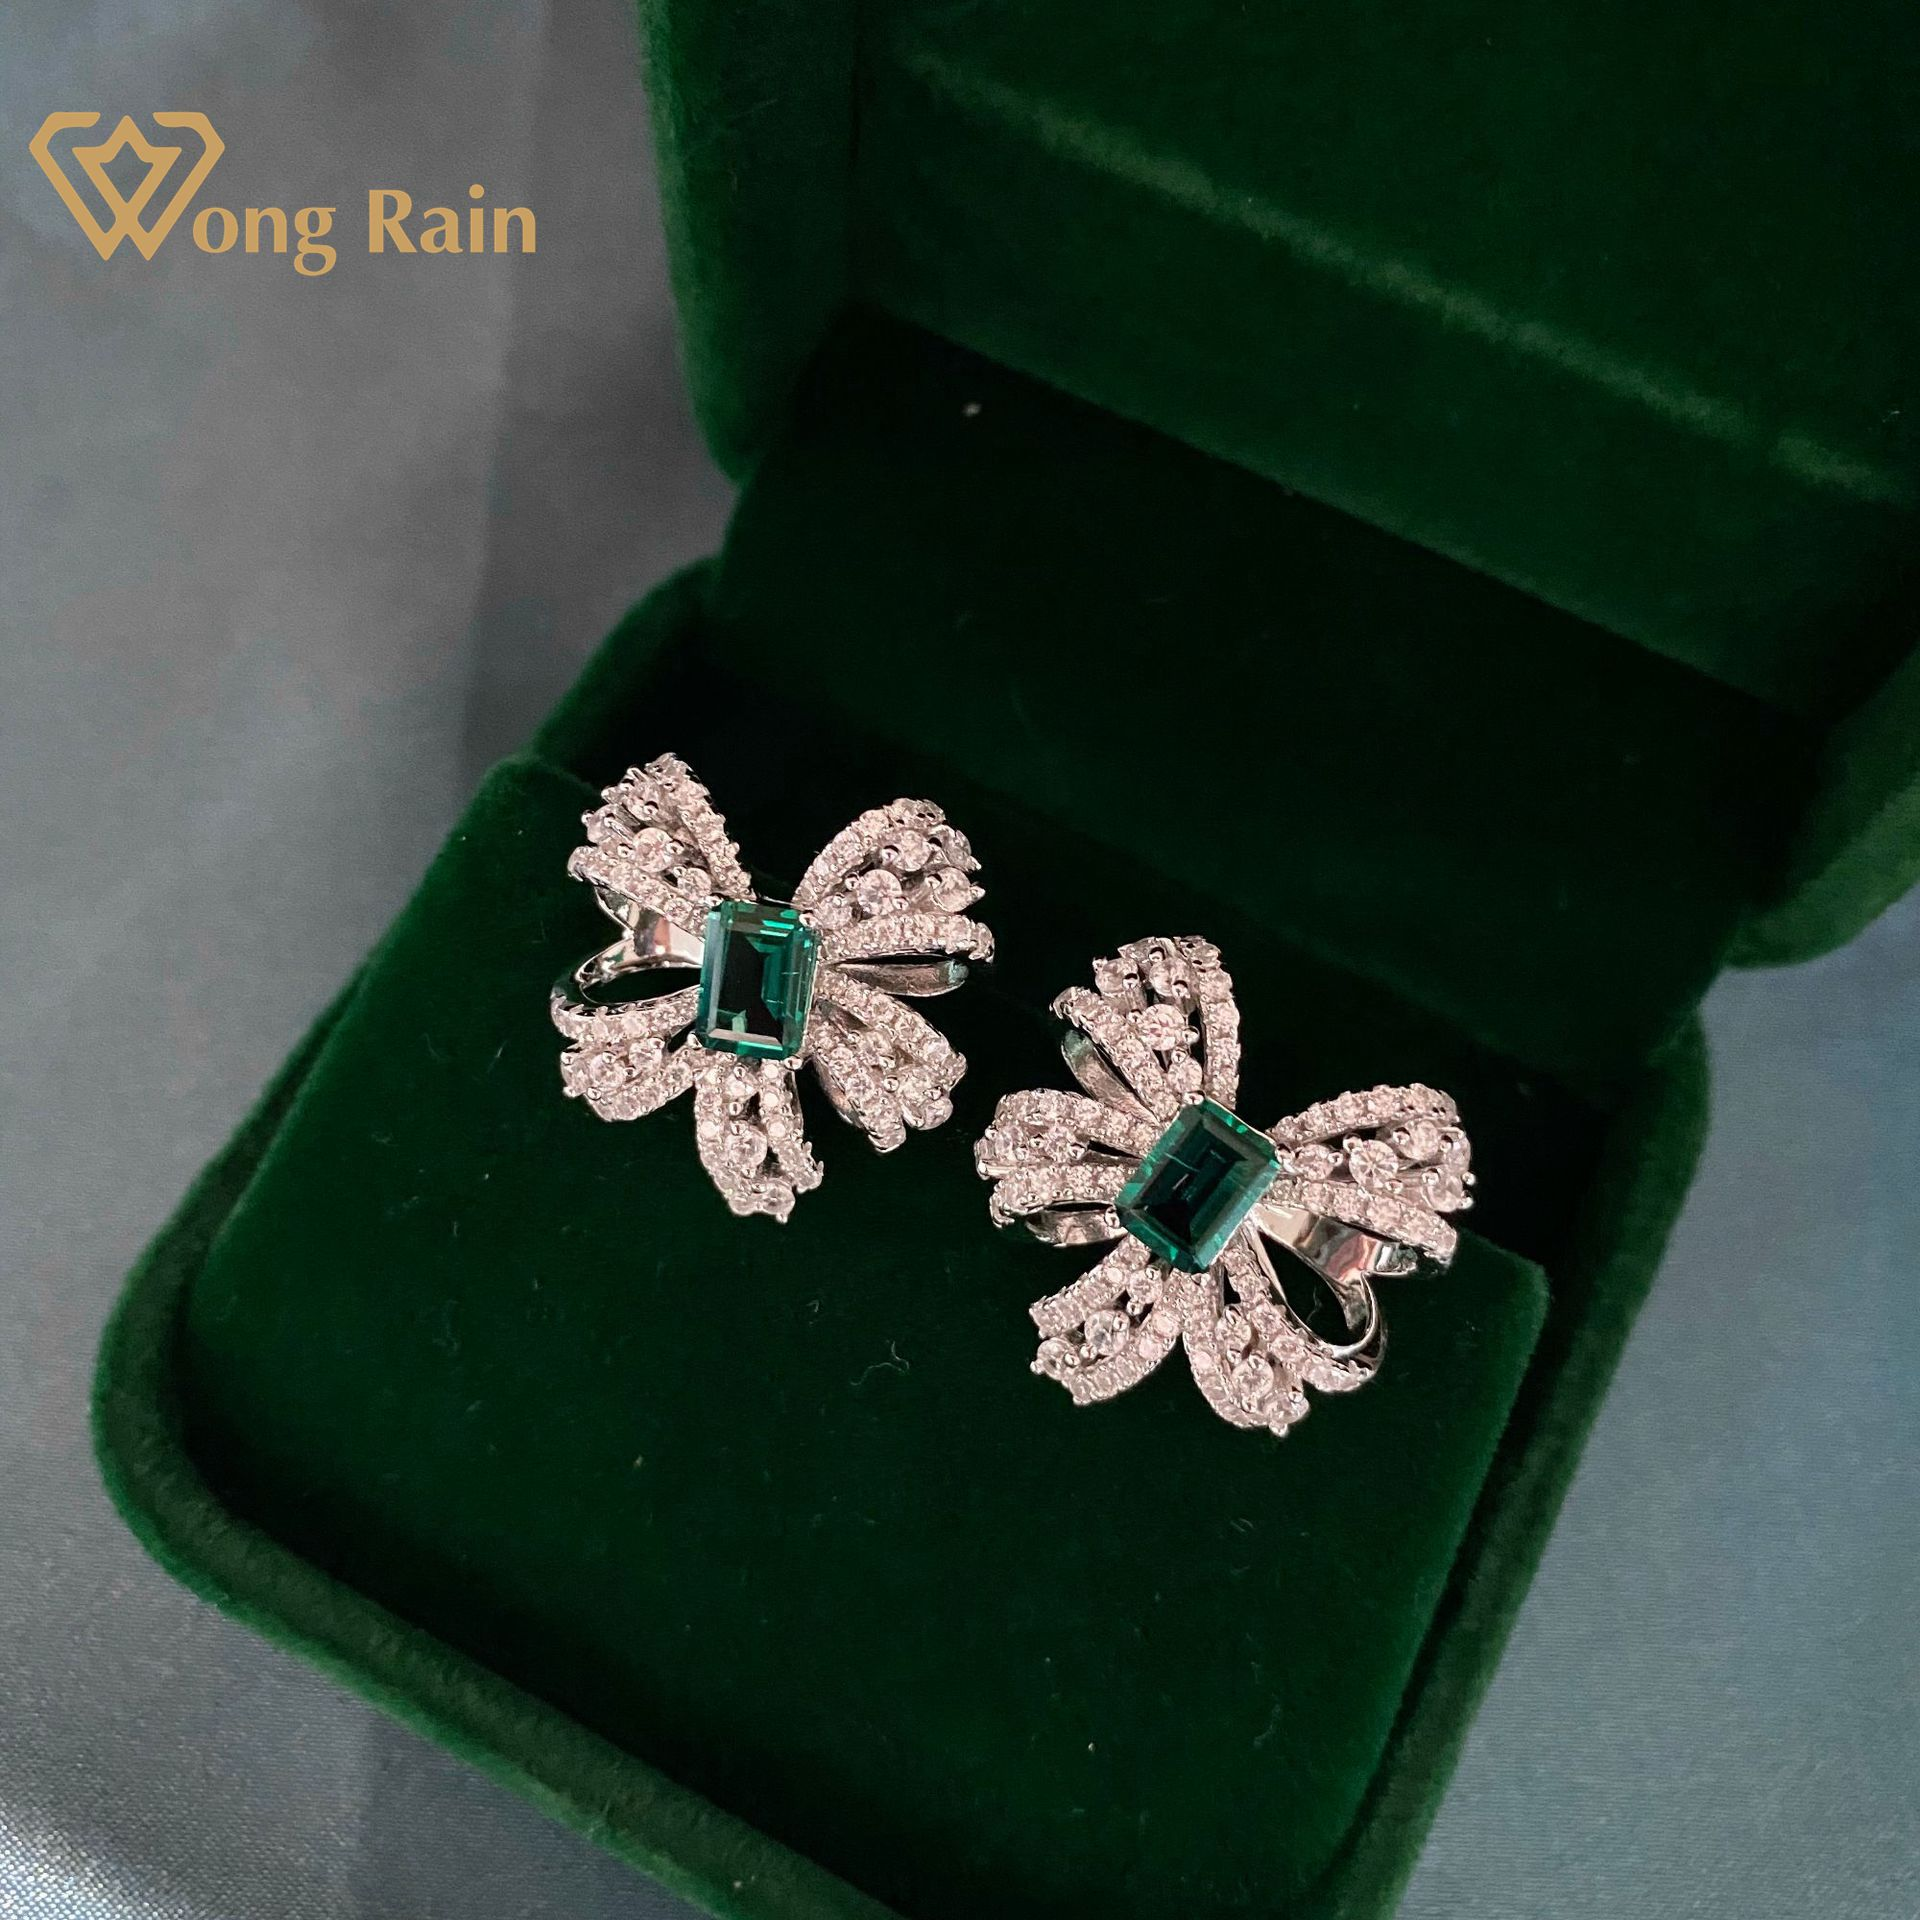 Wong Rain Luxury 925 Sterling Silver Created Moissanite Emerald Gemstone Birthstone Ear Studs Earrings Fine Jewelry Wholesale